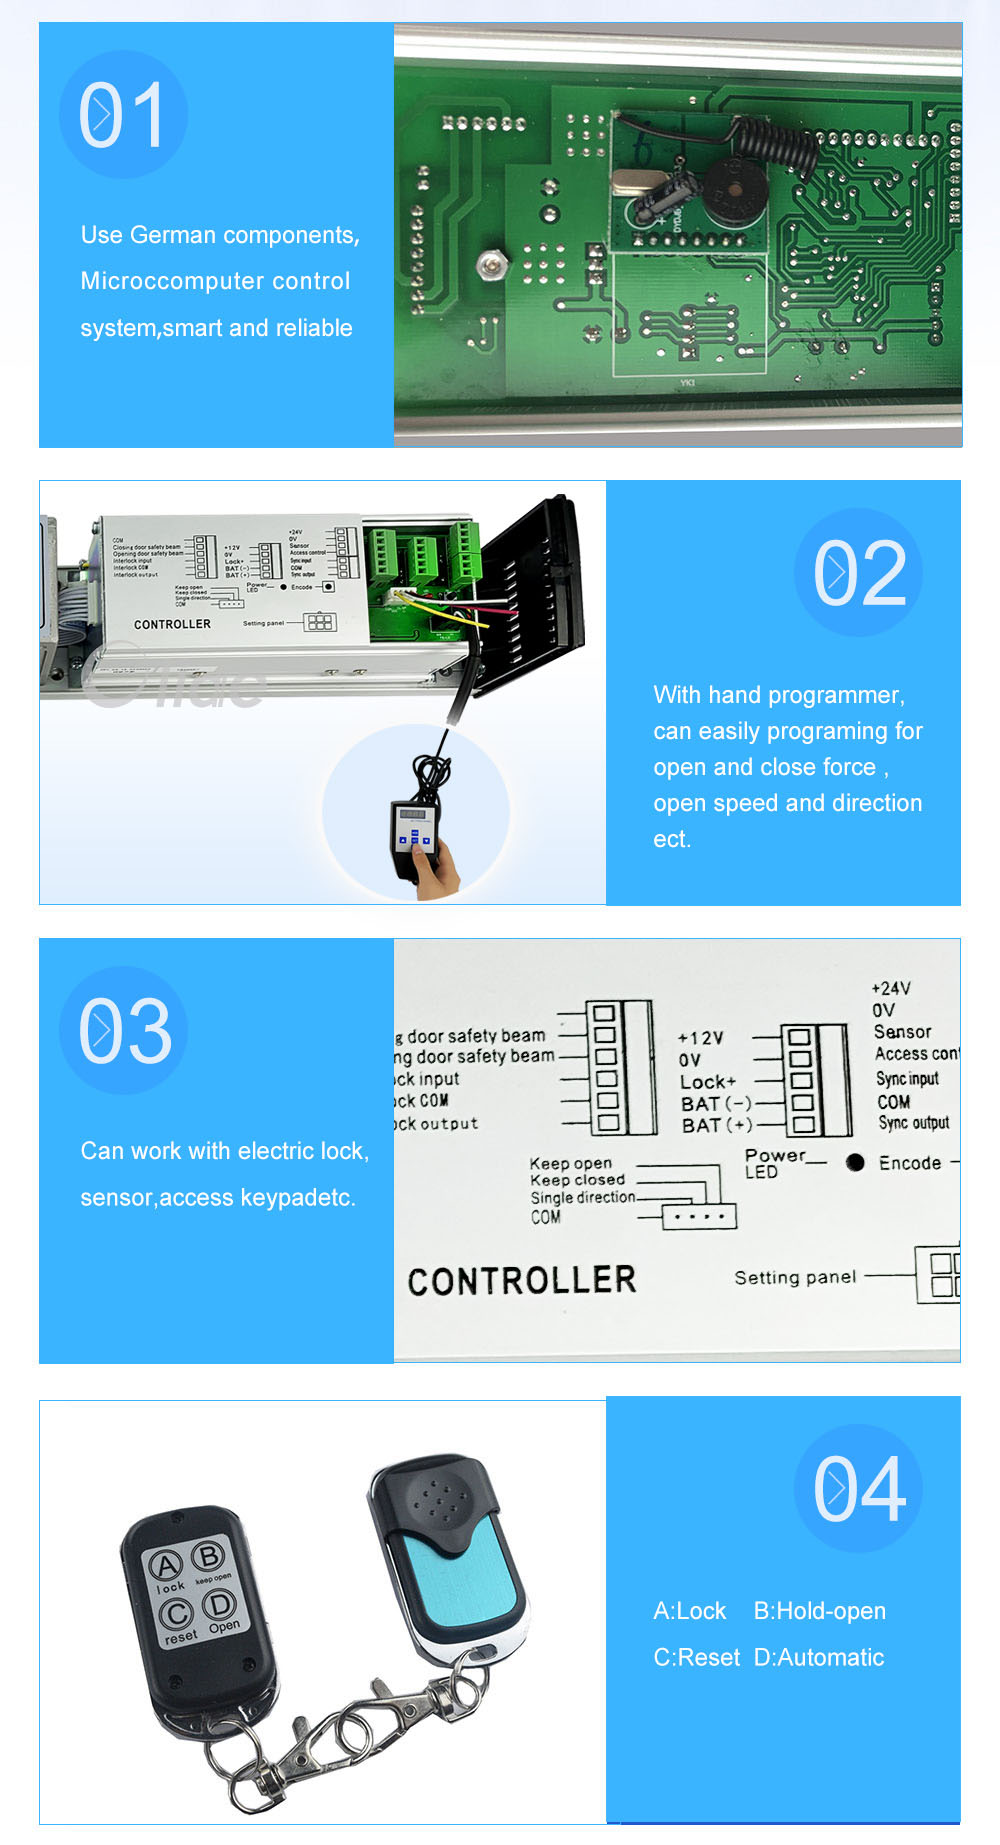 automatic swing door opener with hand programmer 6